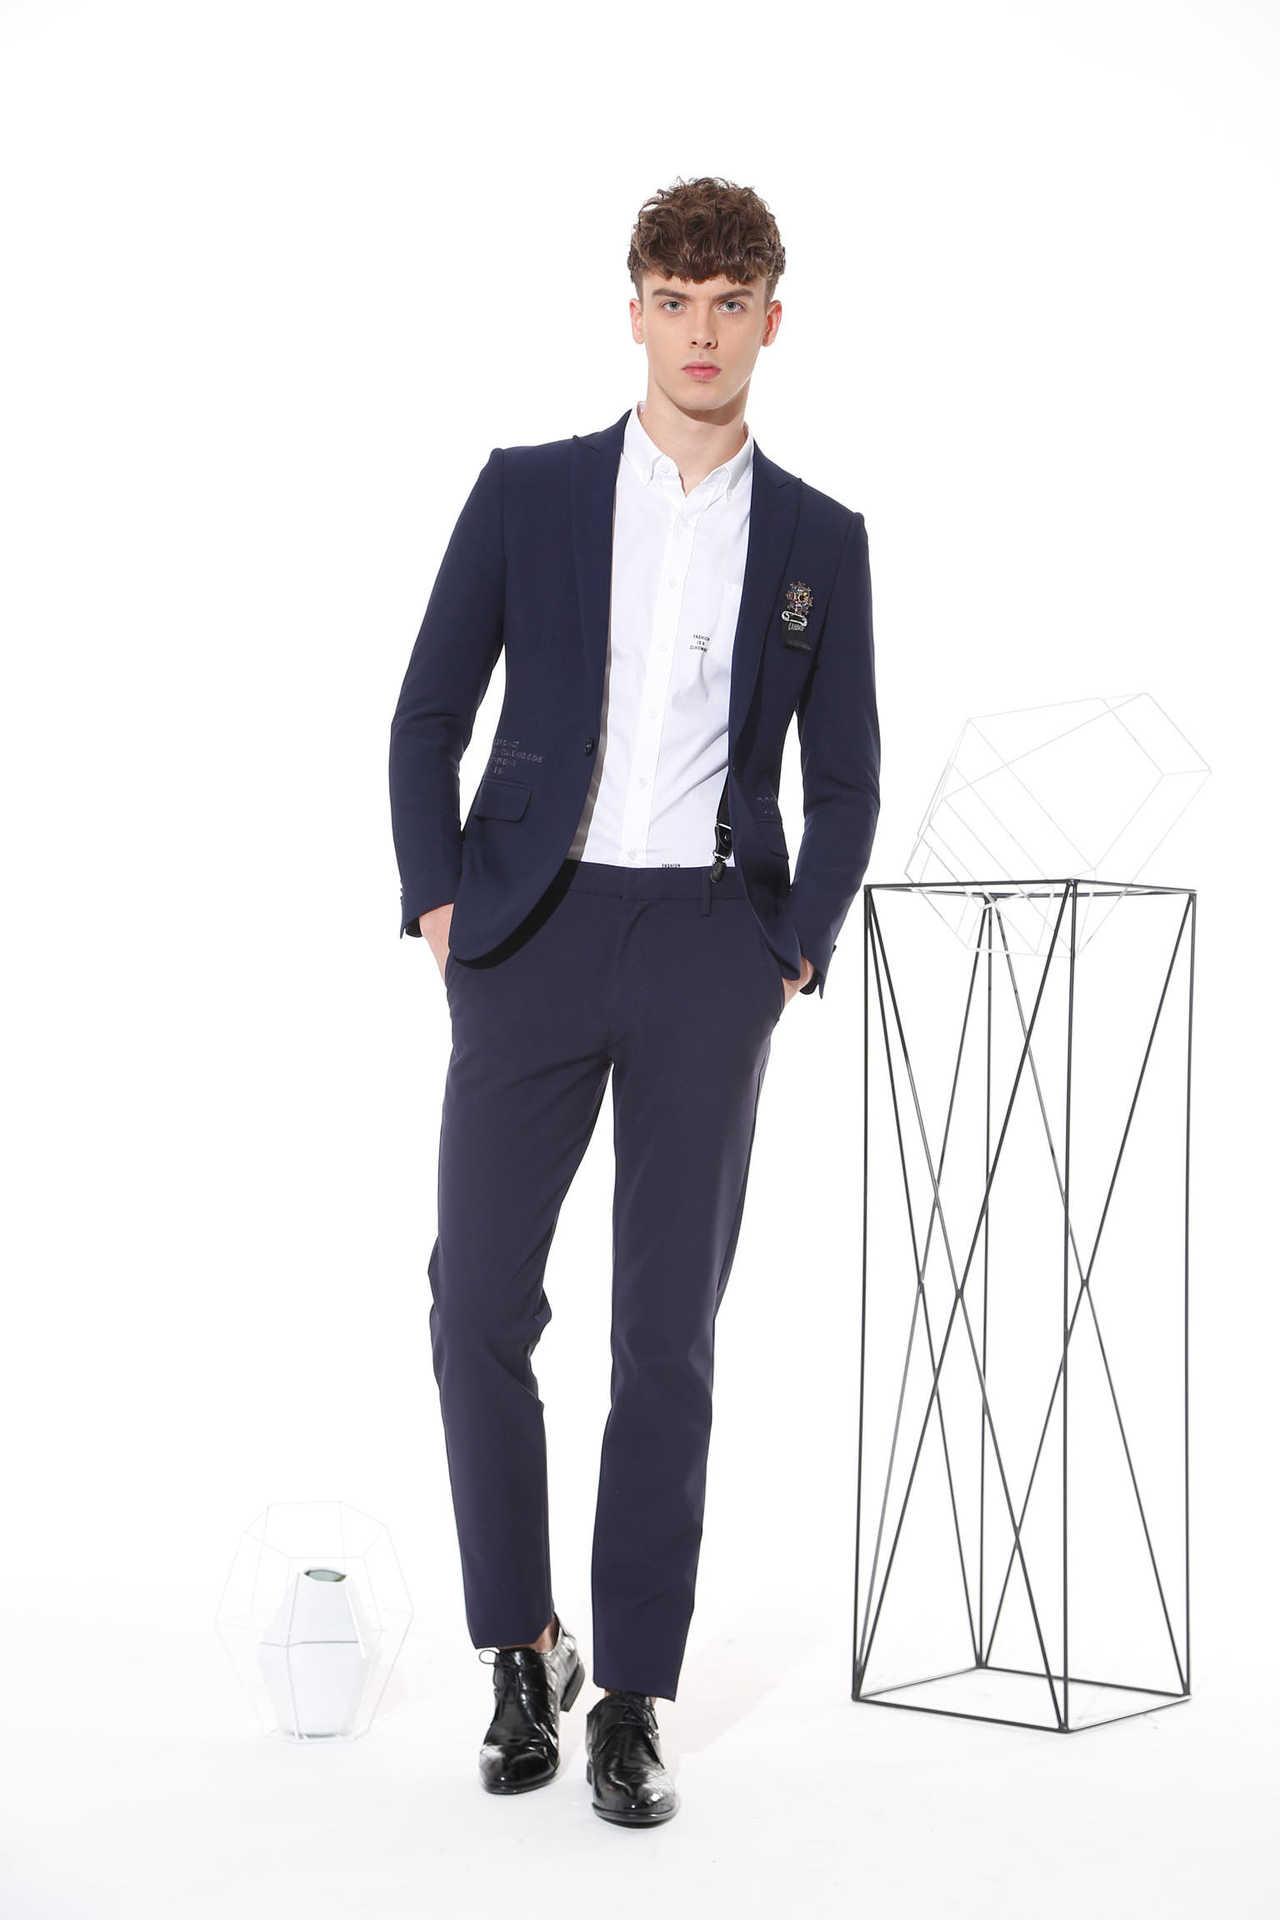 现在ZENL男装品牌支持技术培训们 ZENL潮流服饰代理要求